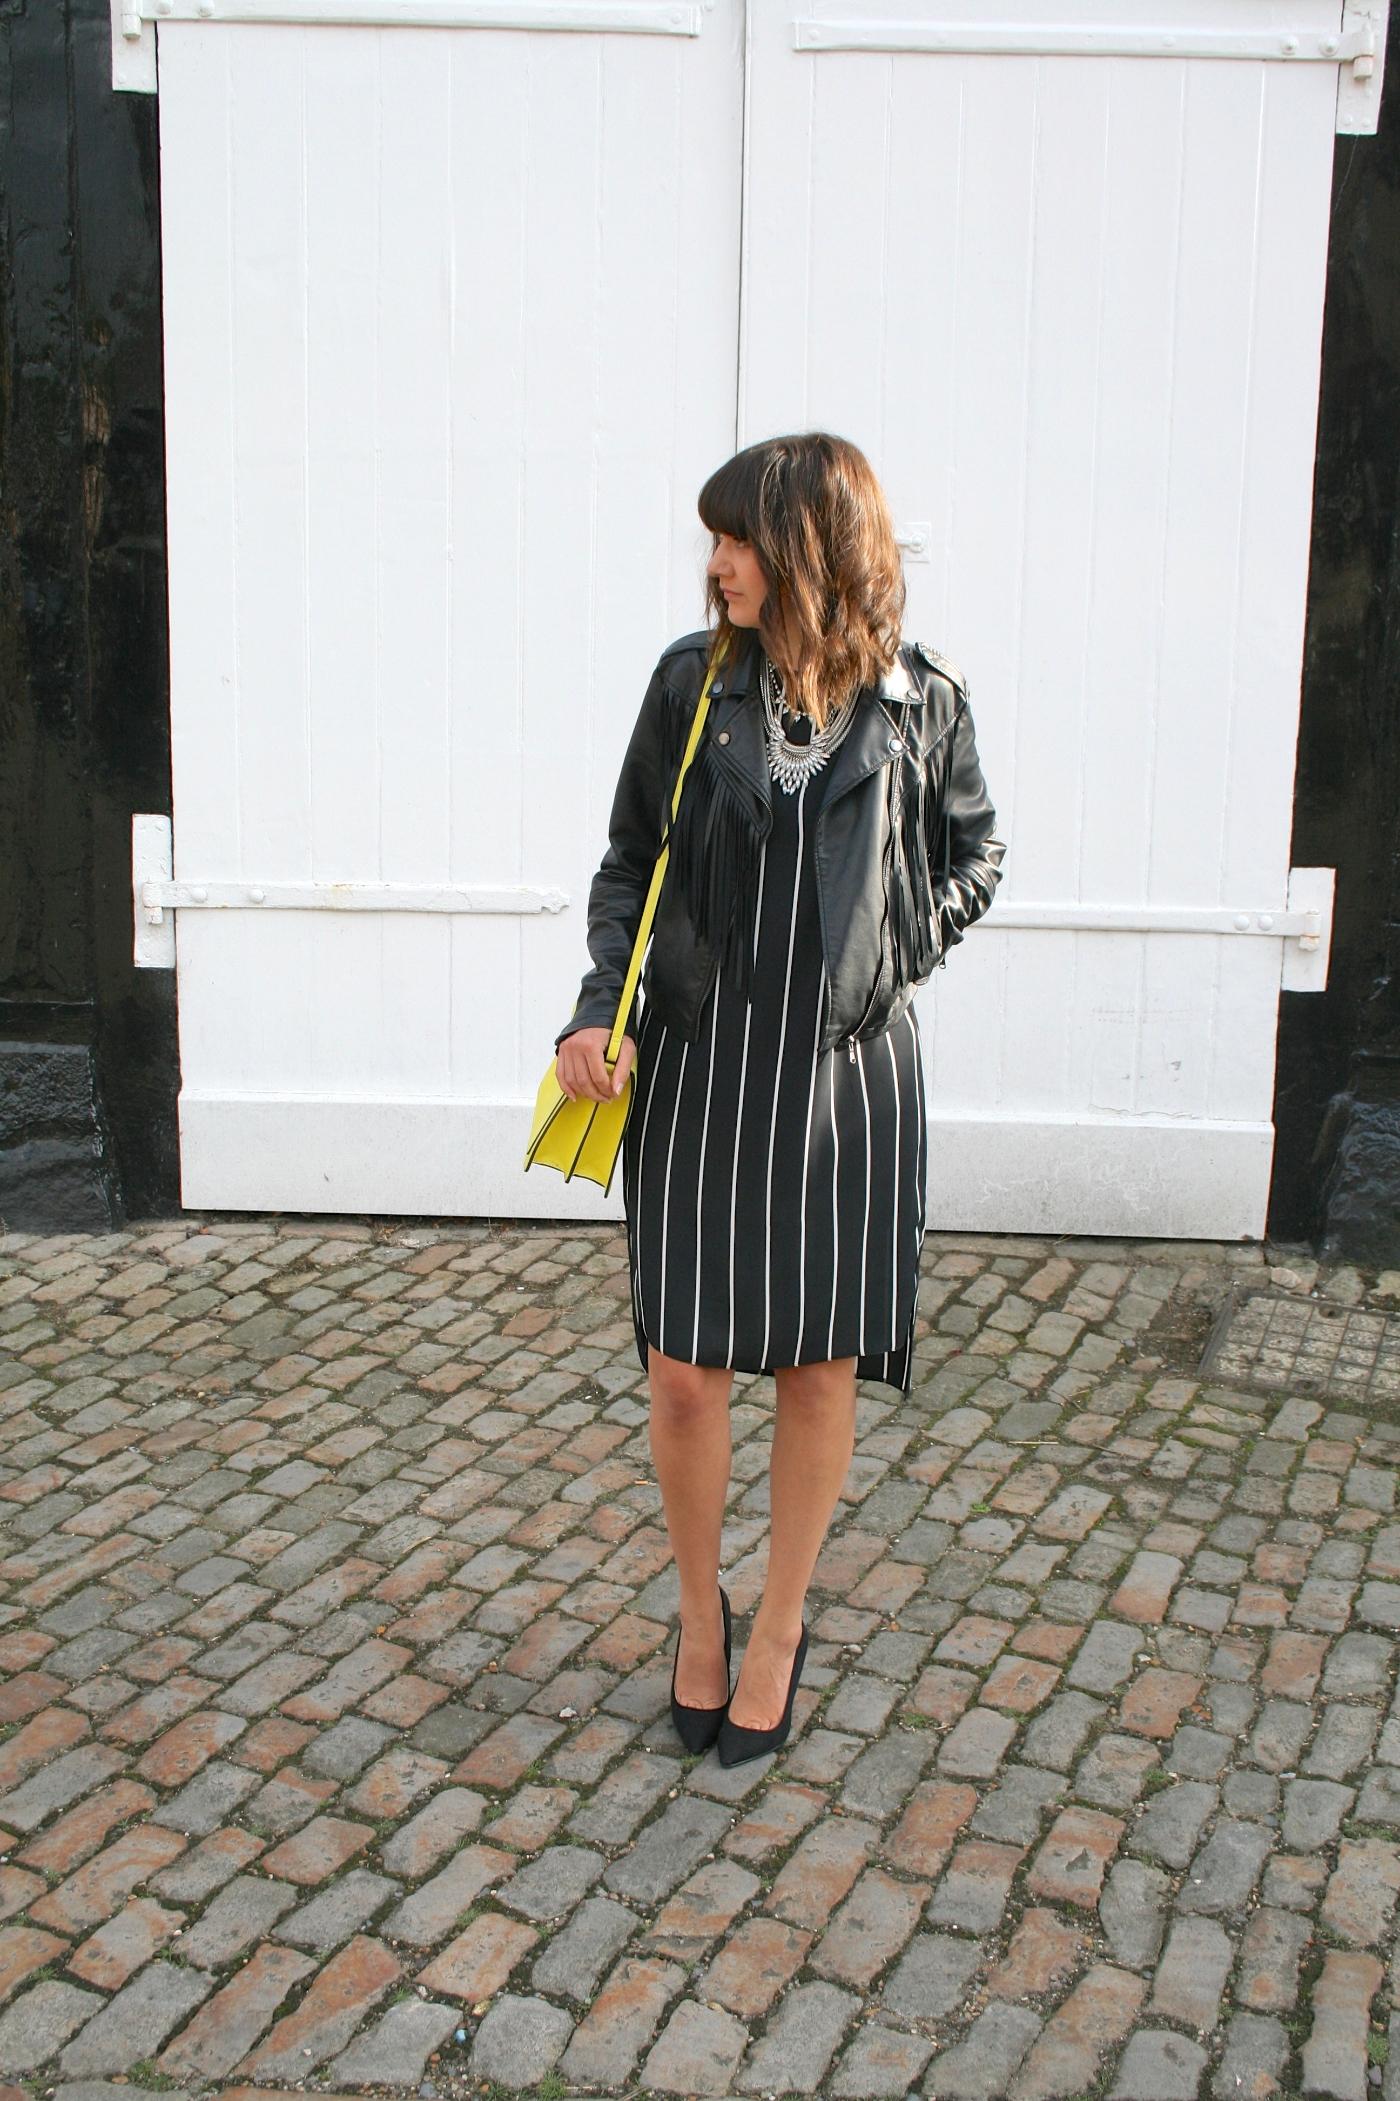 primark heels and dress